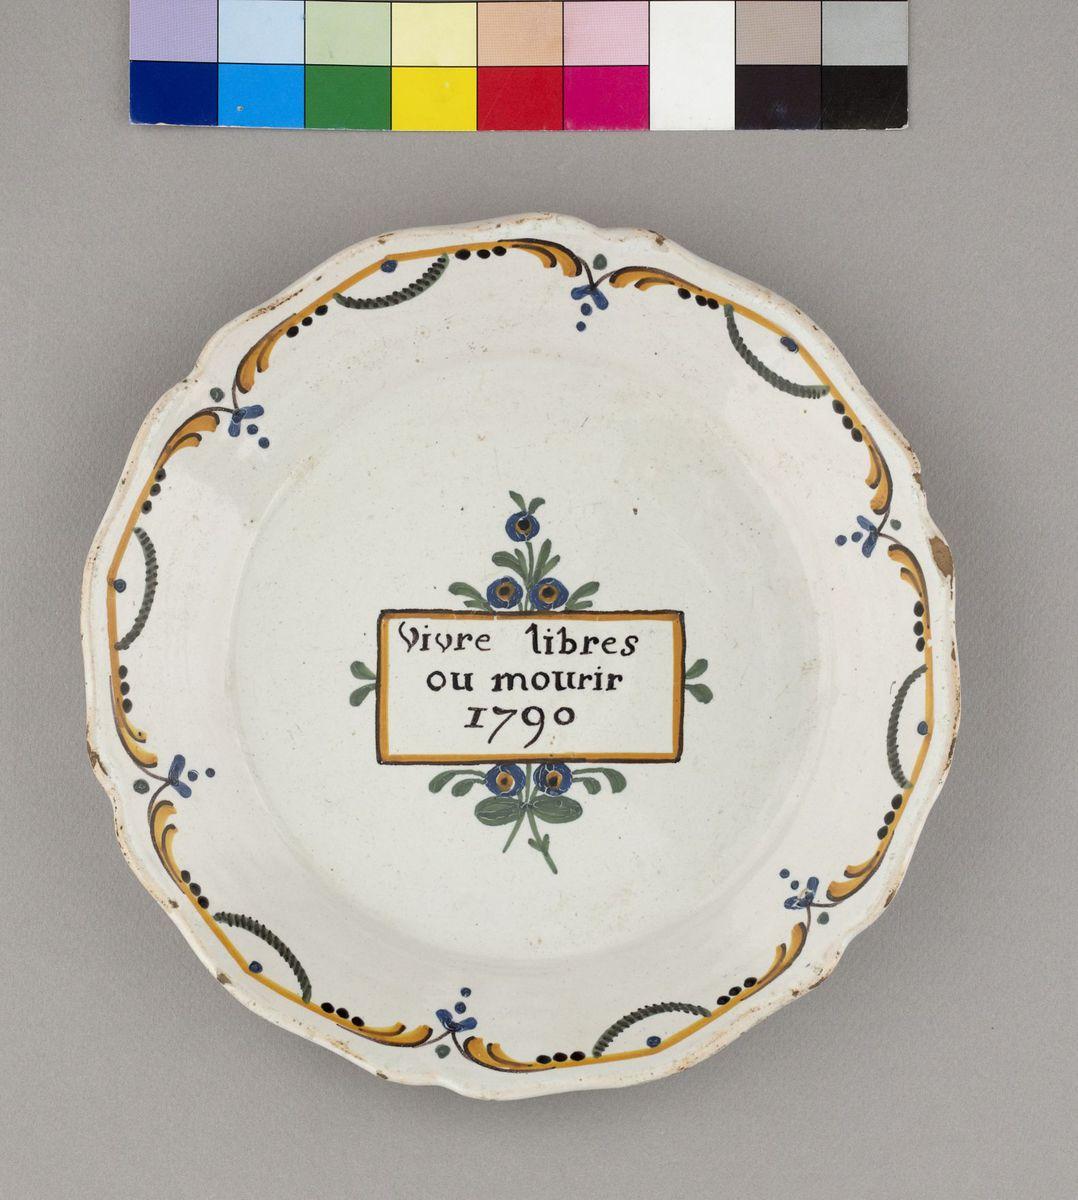 Vivre libres ou mourir 1792 Céramique